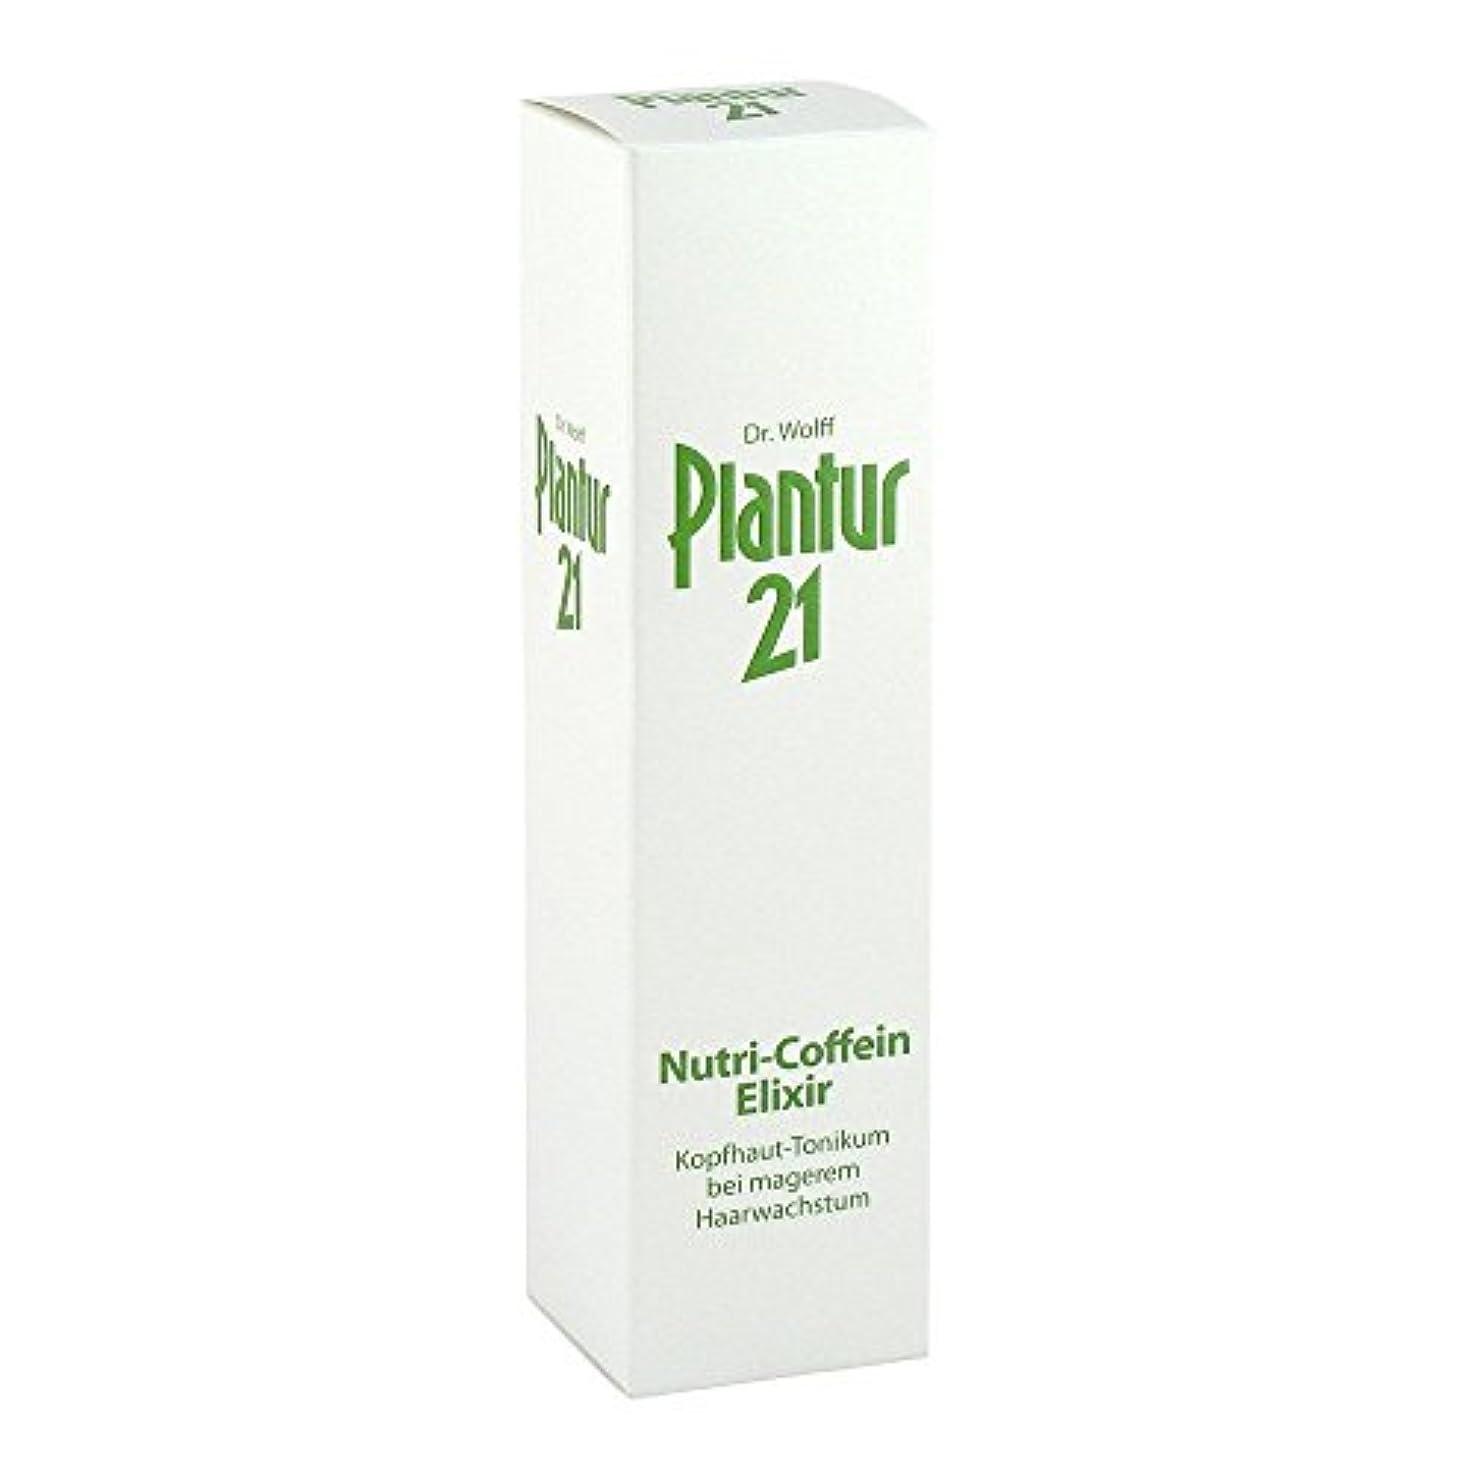 降臨応用引き出しDr Wolff Plantur 21 Nutri-Caffeine Combo Pack (Plantur 21 Elixir 200ml)